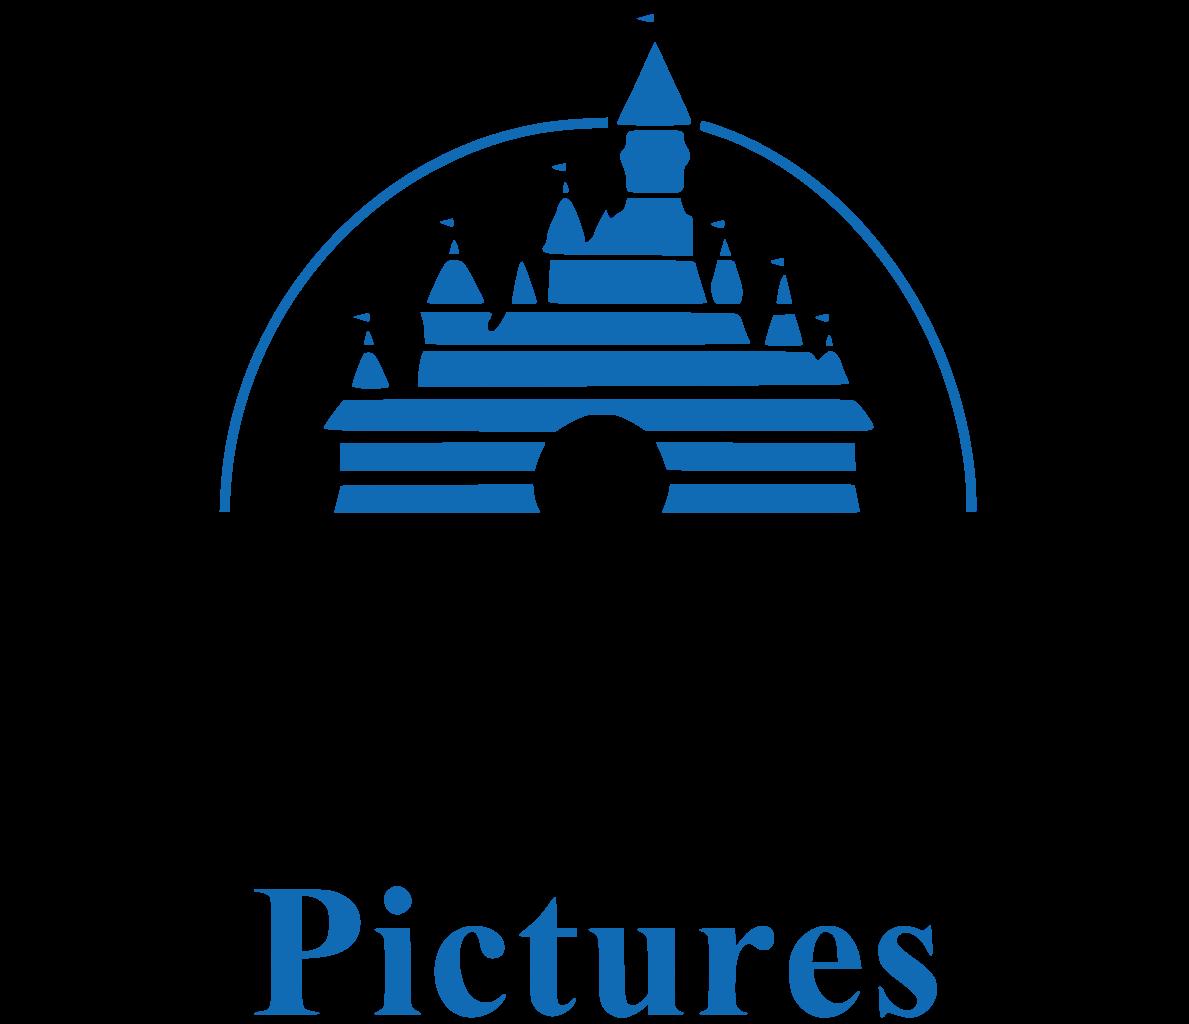 studio, nord ouest creation, studio de création graphique, édition, logo